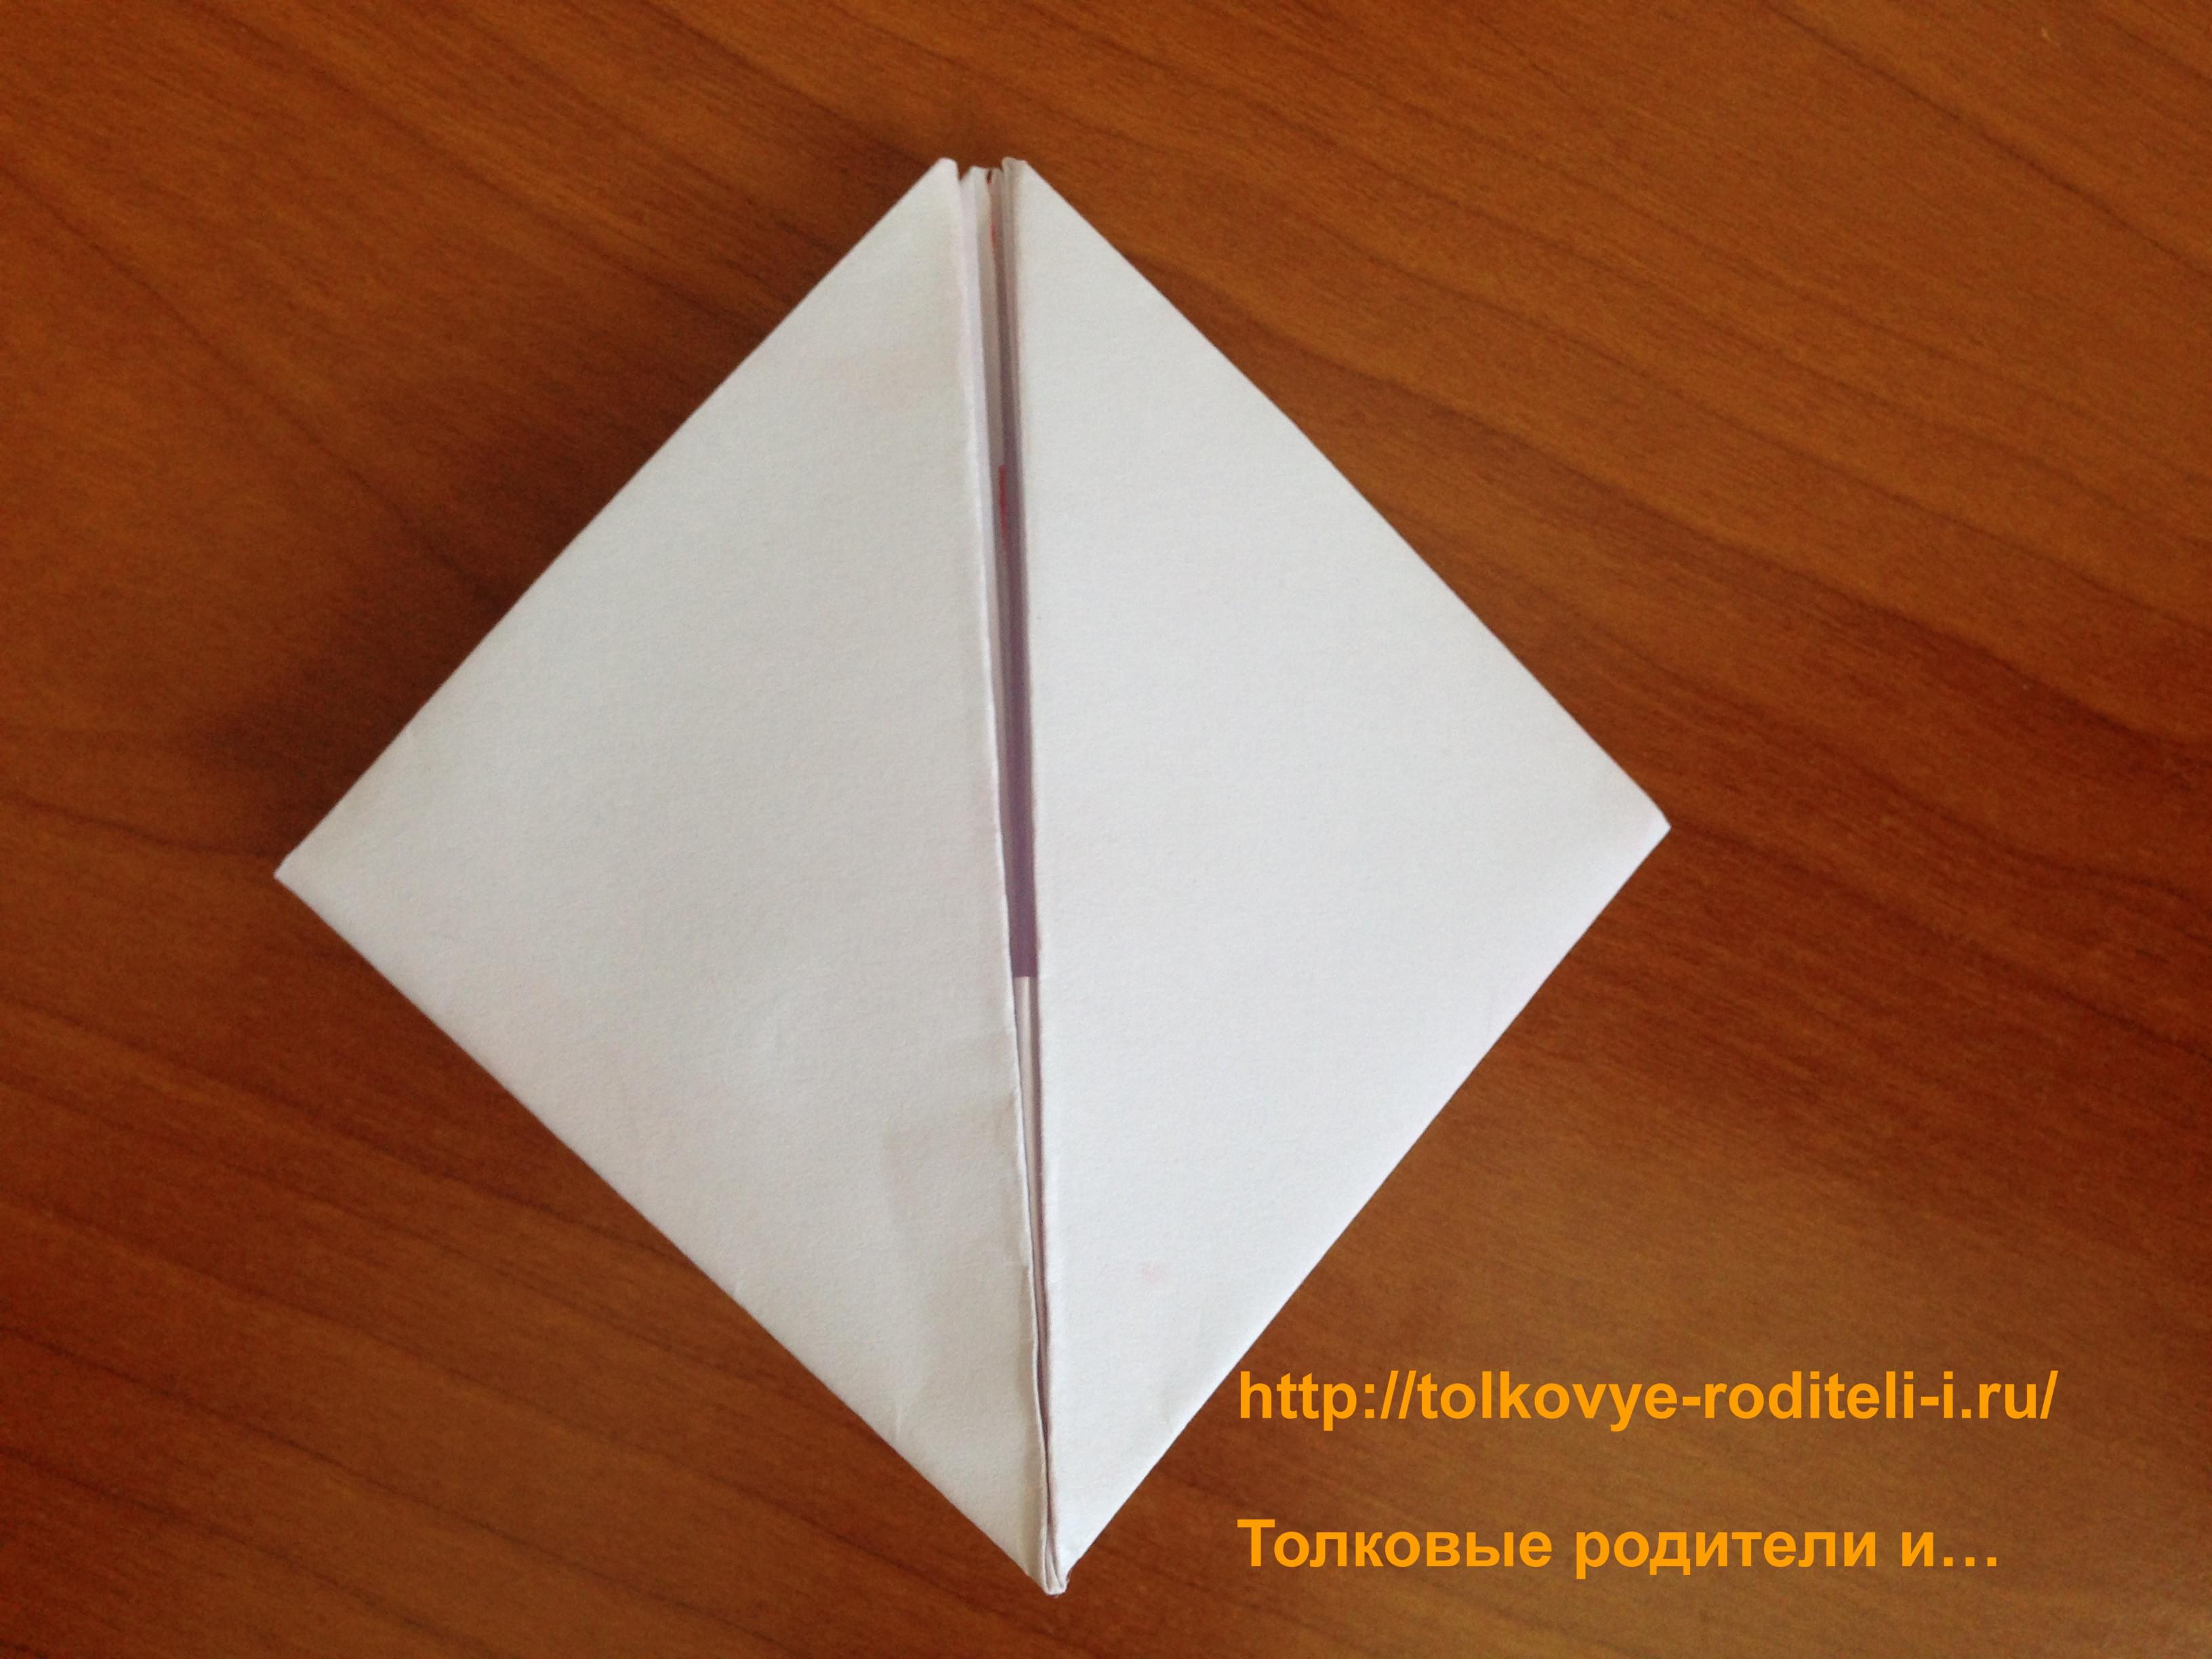 Сделать кораблик из бумаги пошаговое